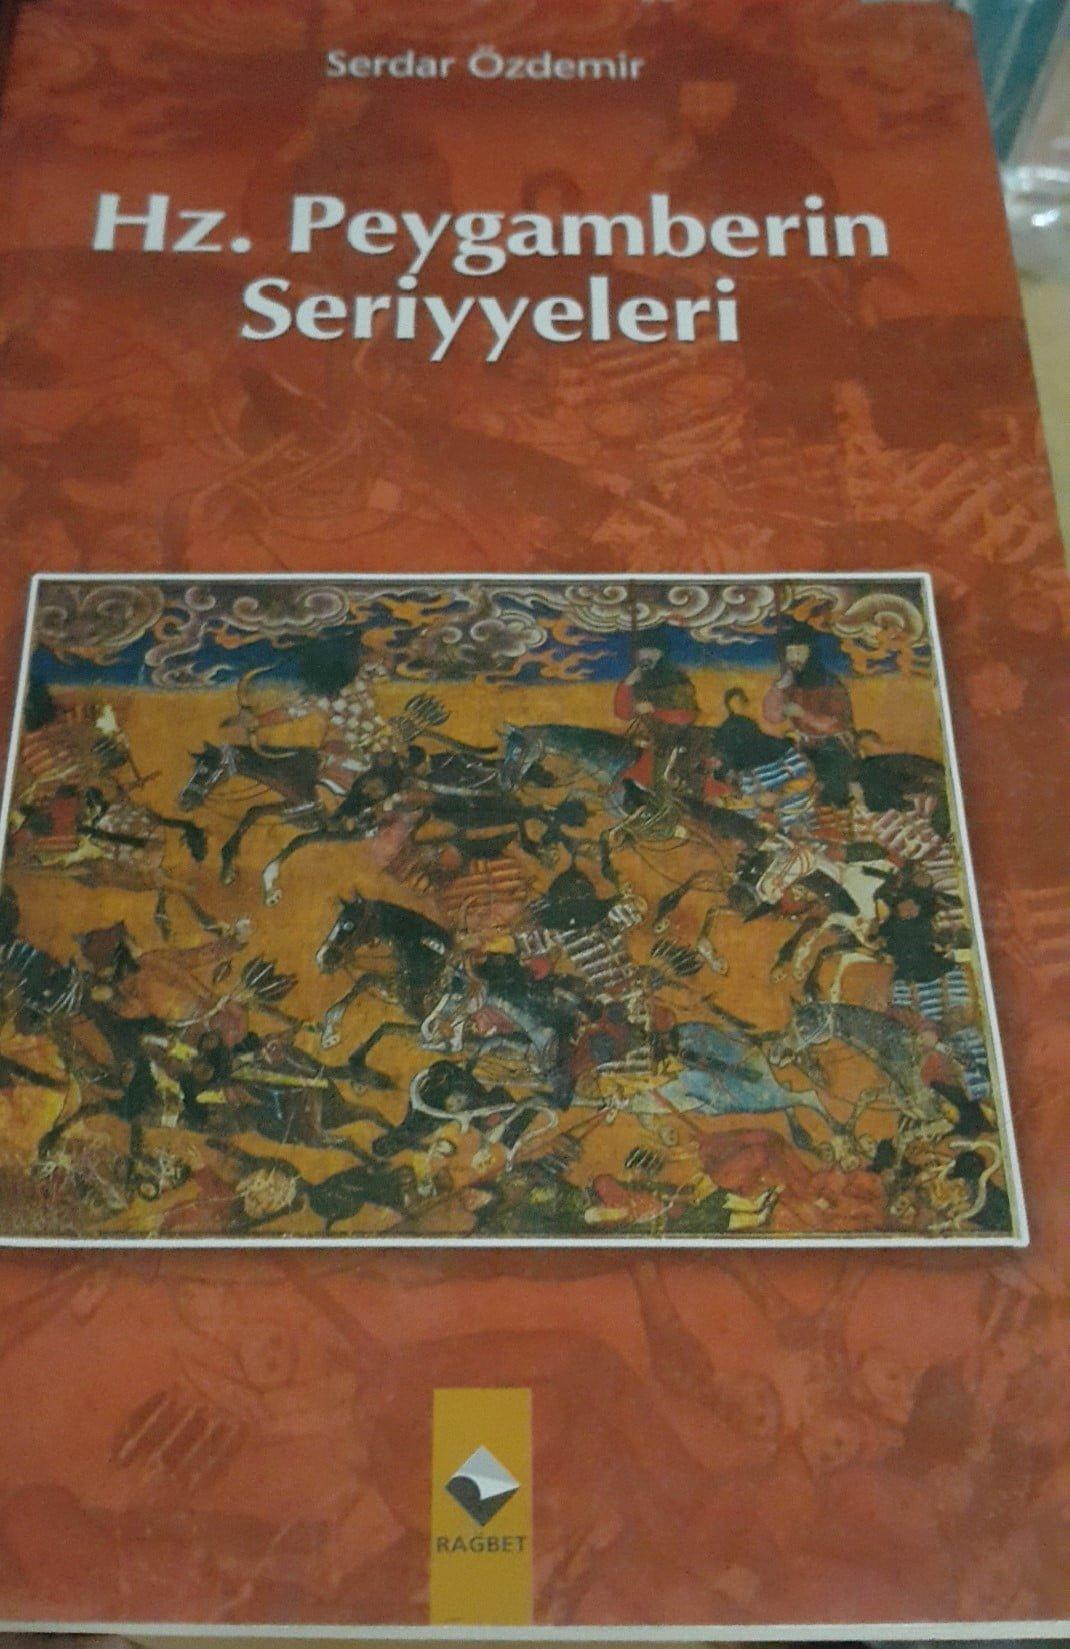 Hz.Peygamberin Seriyyeleri/Serdar ÖZDEMİR